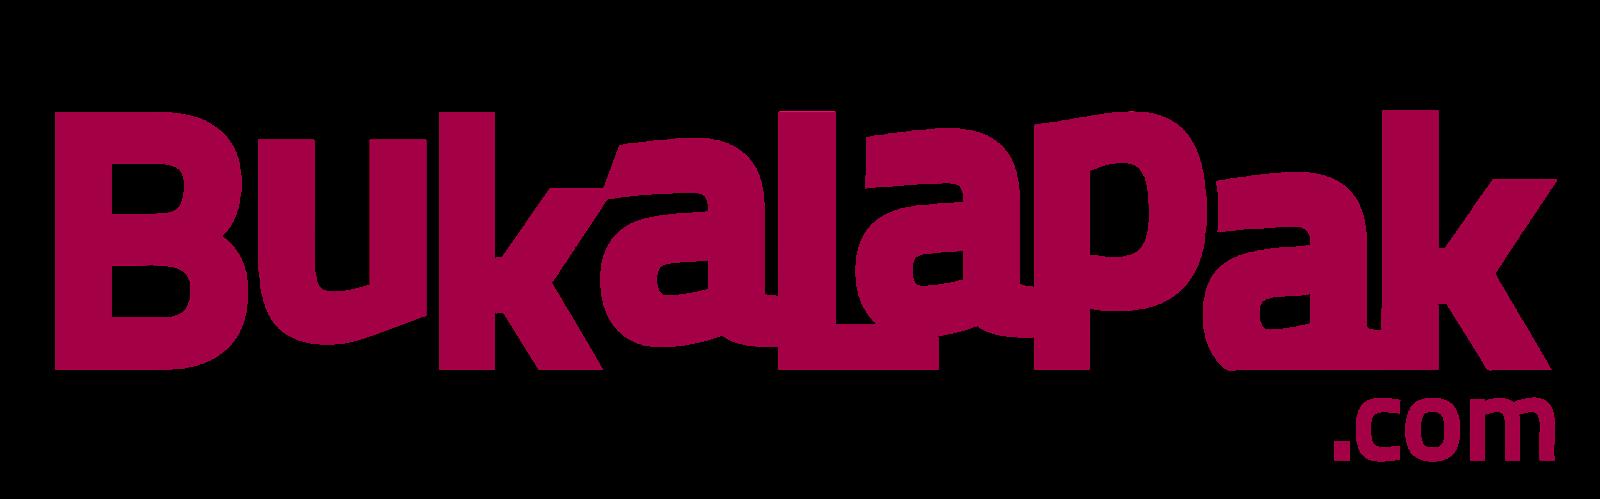 Image Result For Bukalapak